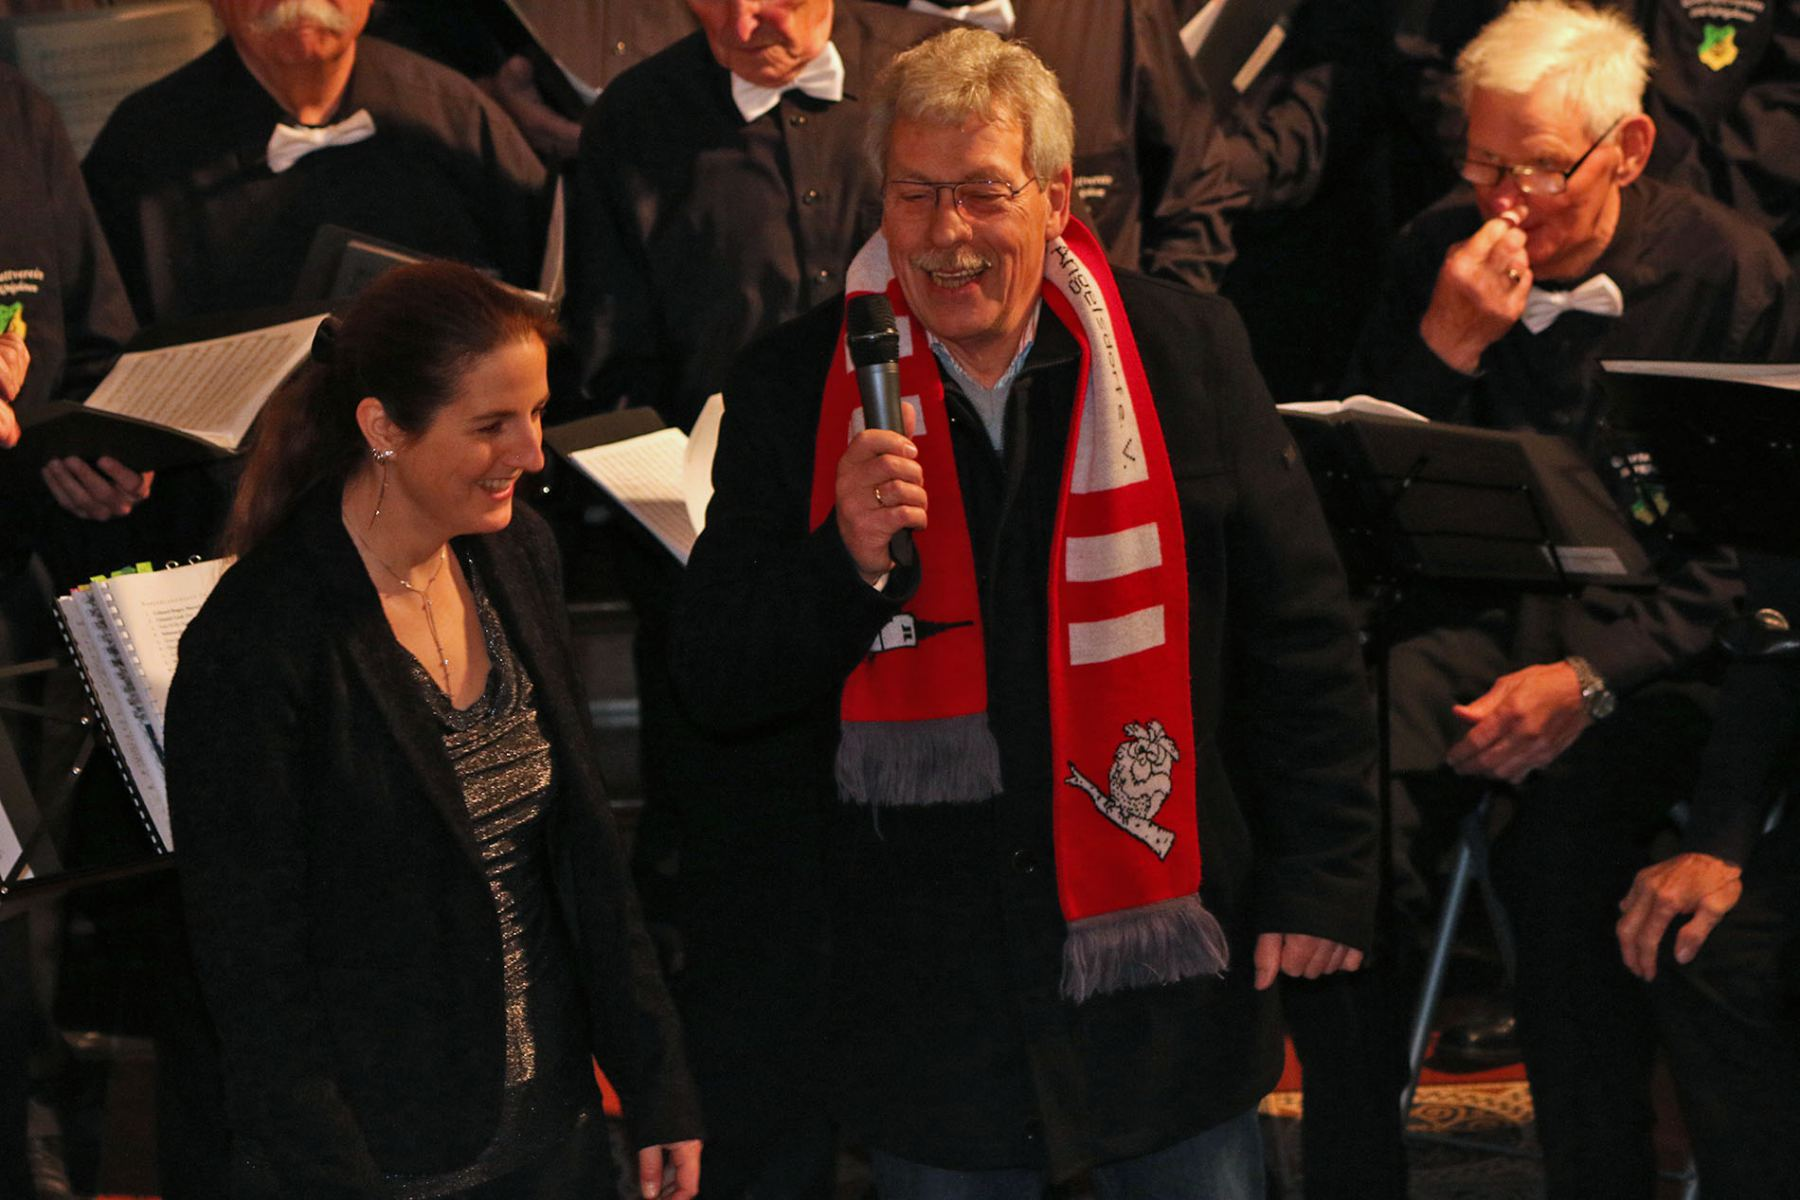 20200112_Neujahrskonzert-Kulturkirche-Elsdorf-Angelsdorf_Foto002